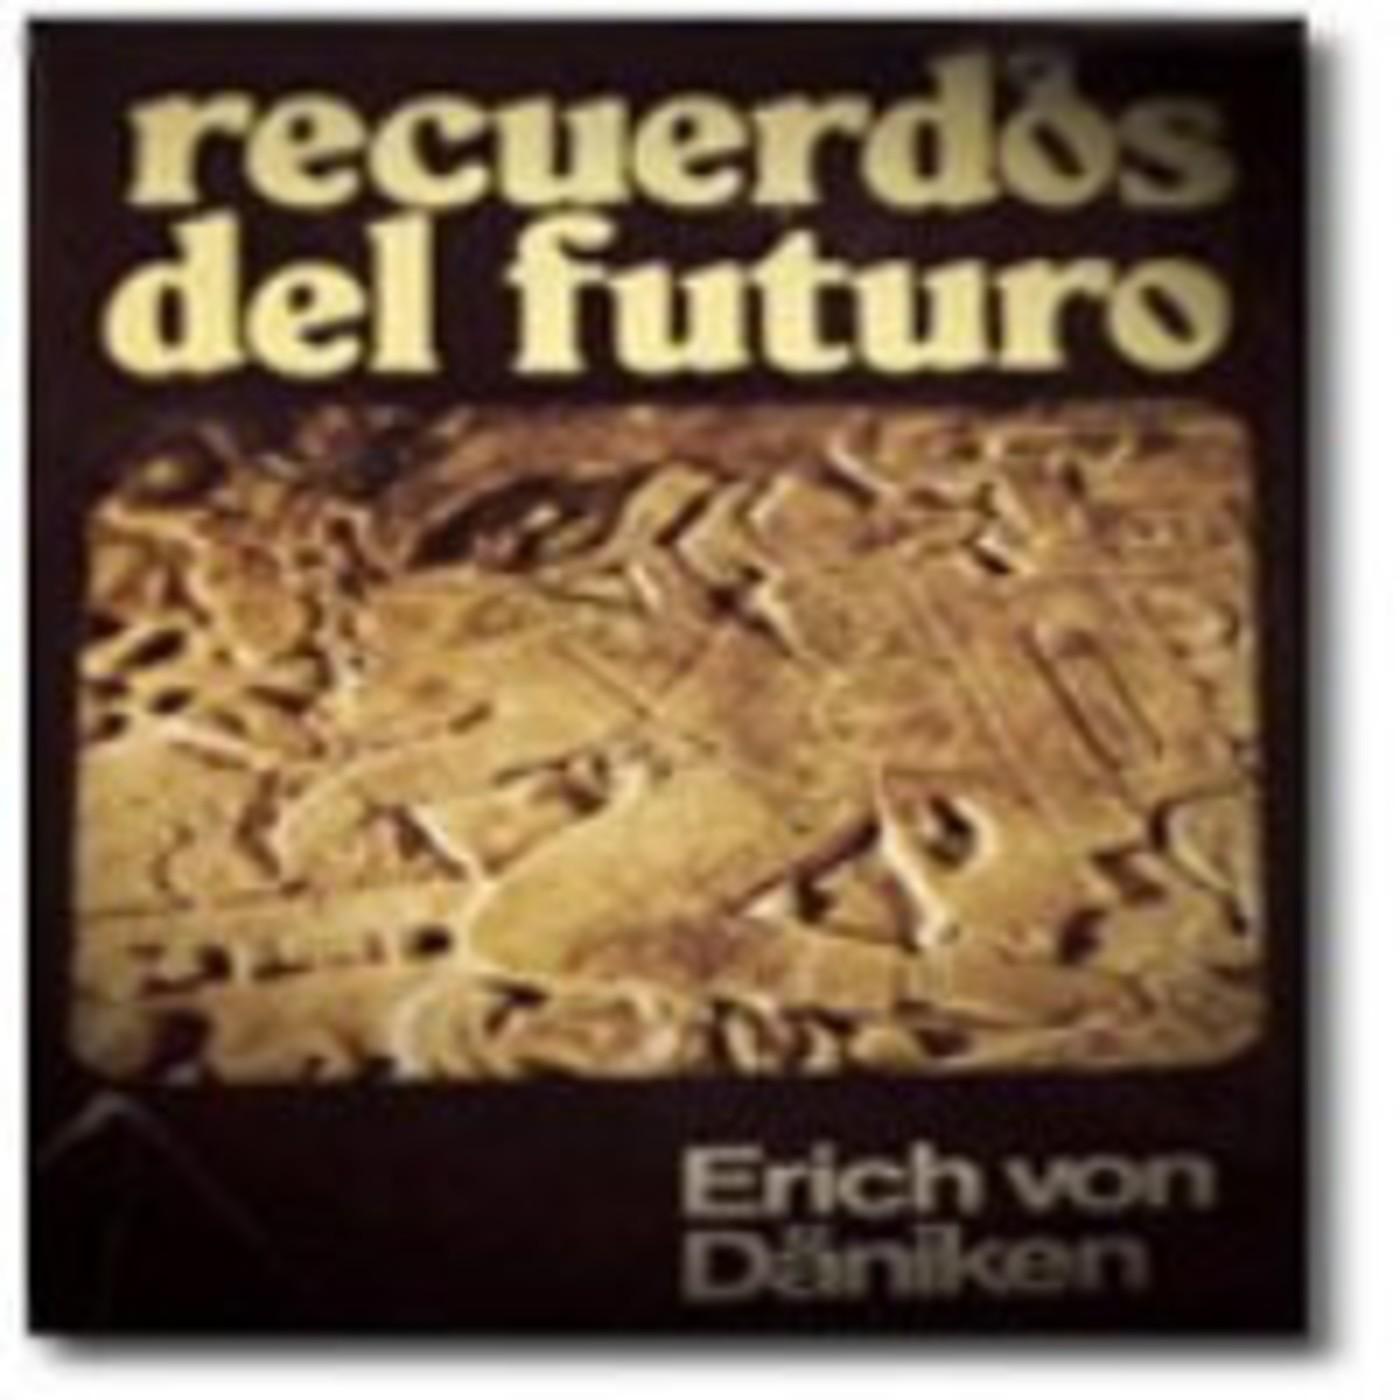 Audiolibro Recuerdos Del Futuro Erich Von Däniken En Podcast De Misterios En Mp3 31 08 A Las 00 05 32 06 25 05 3443371 Ivoox